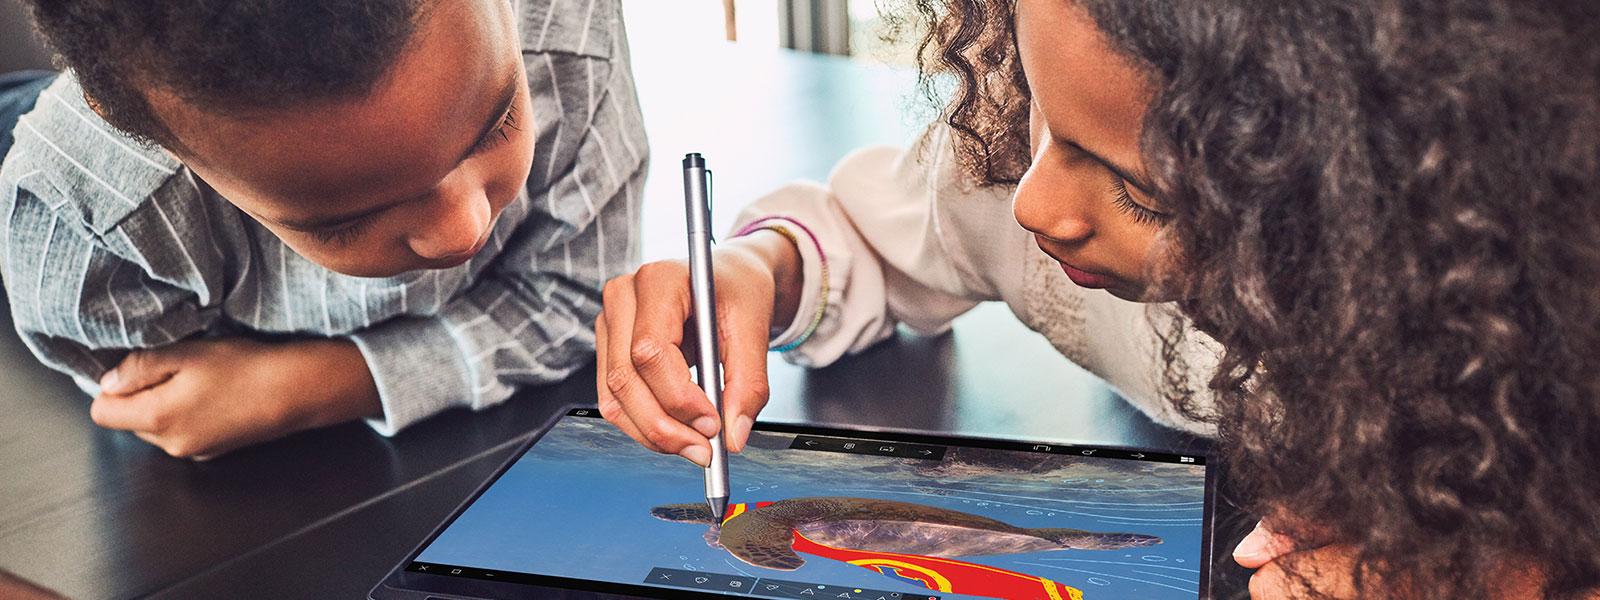 Lapset piirtämässä Windows Inkillä